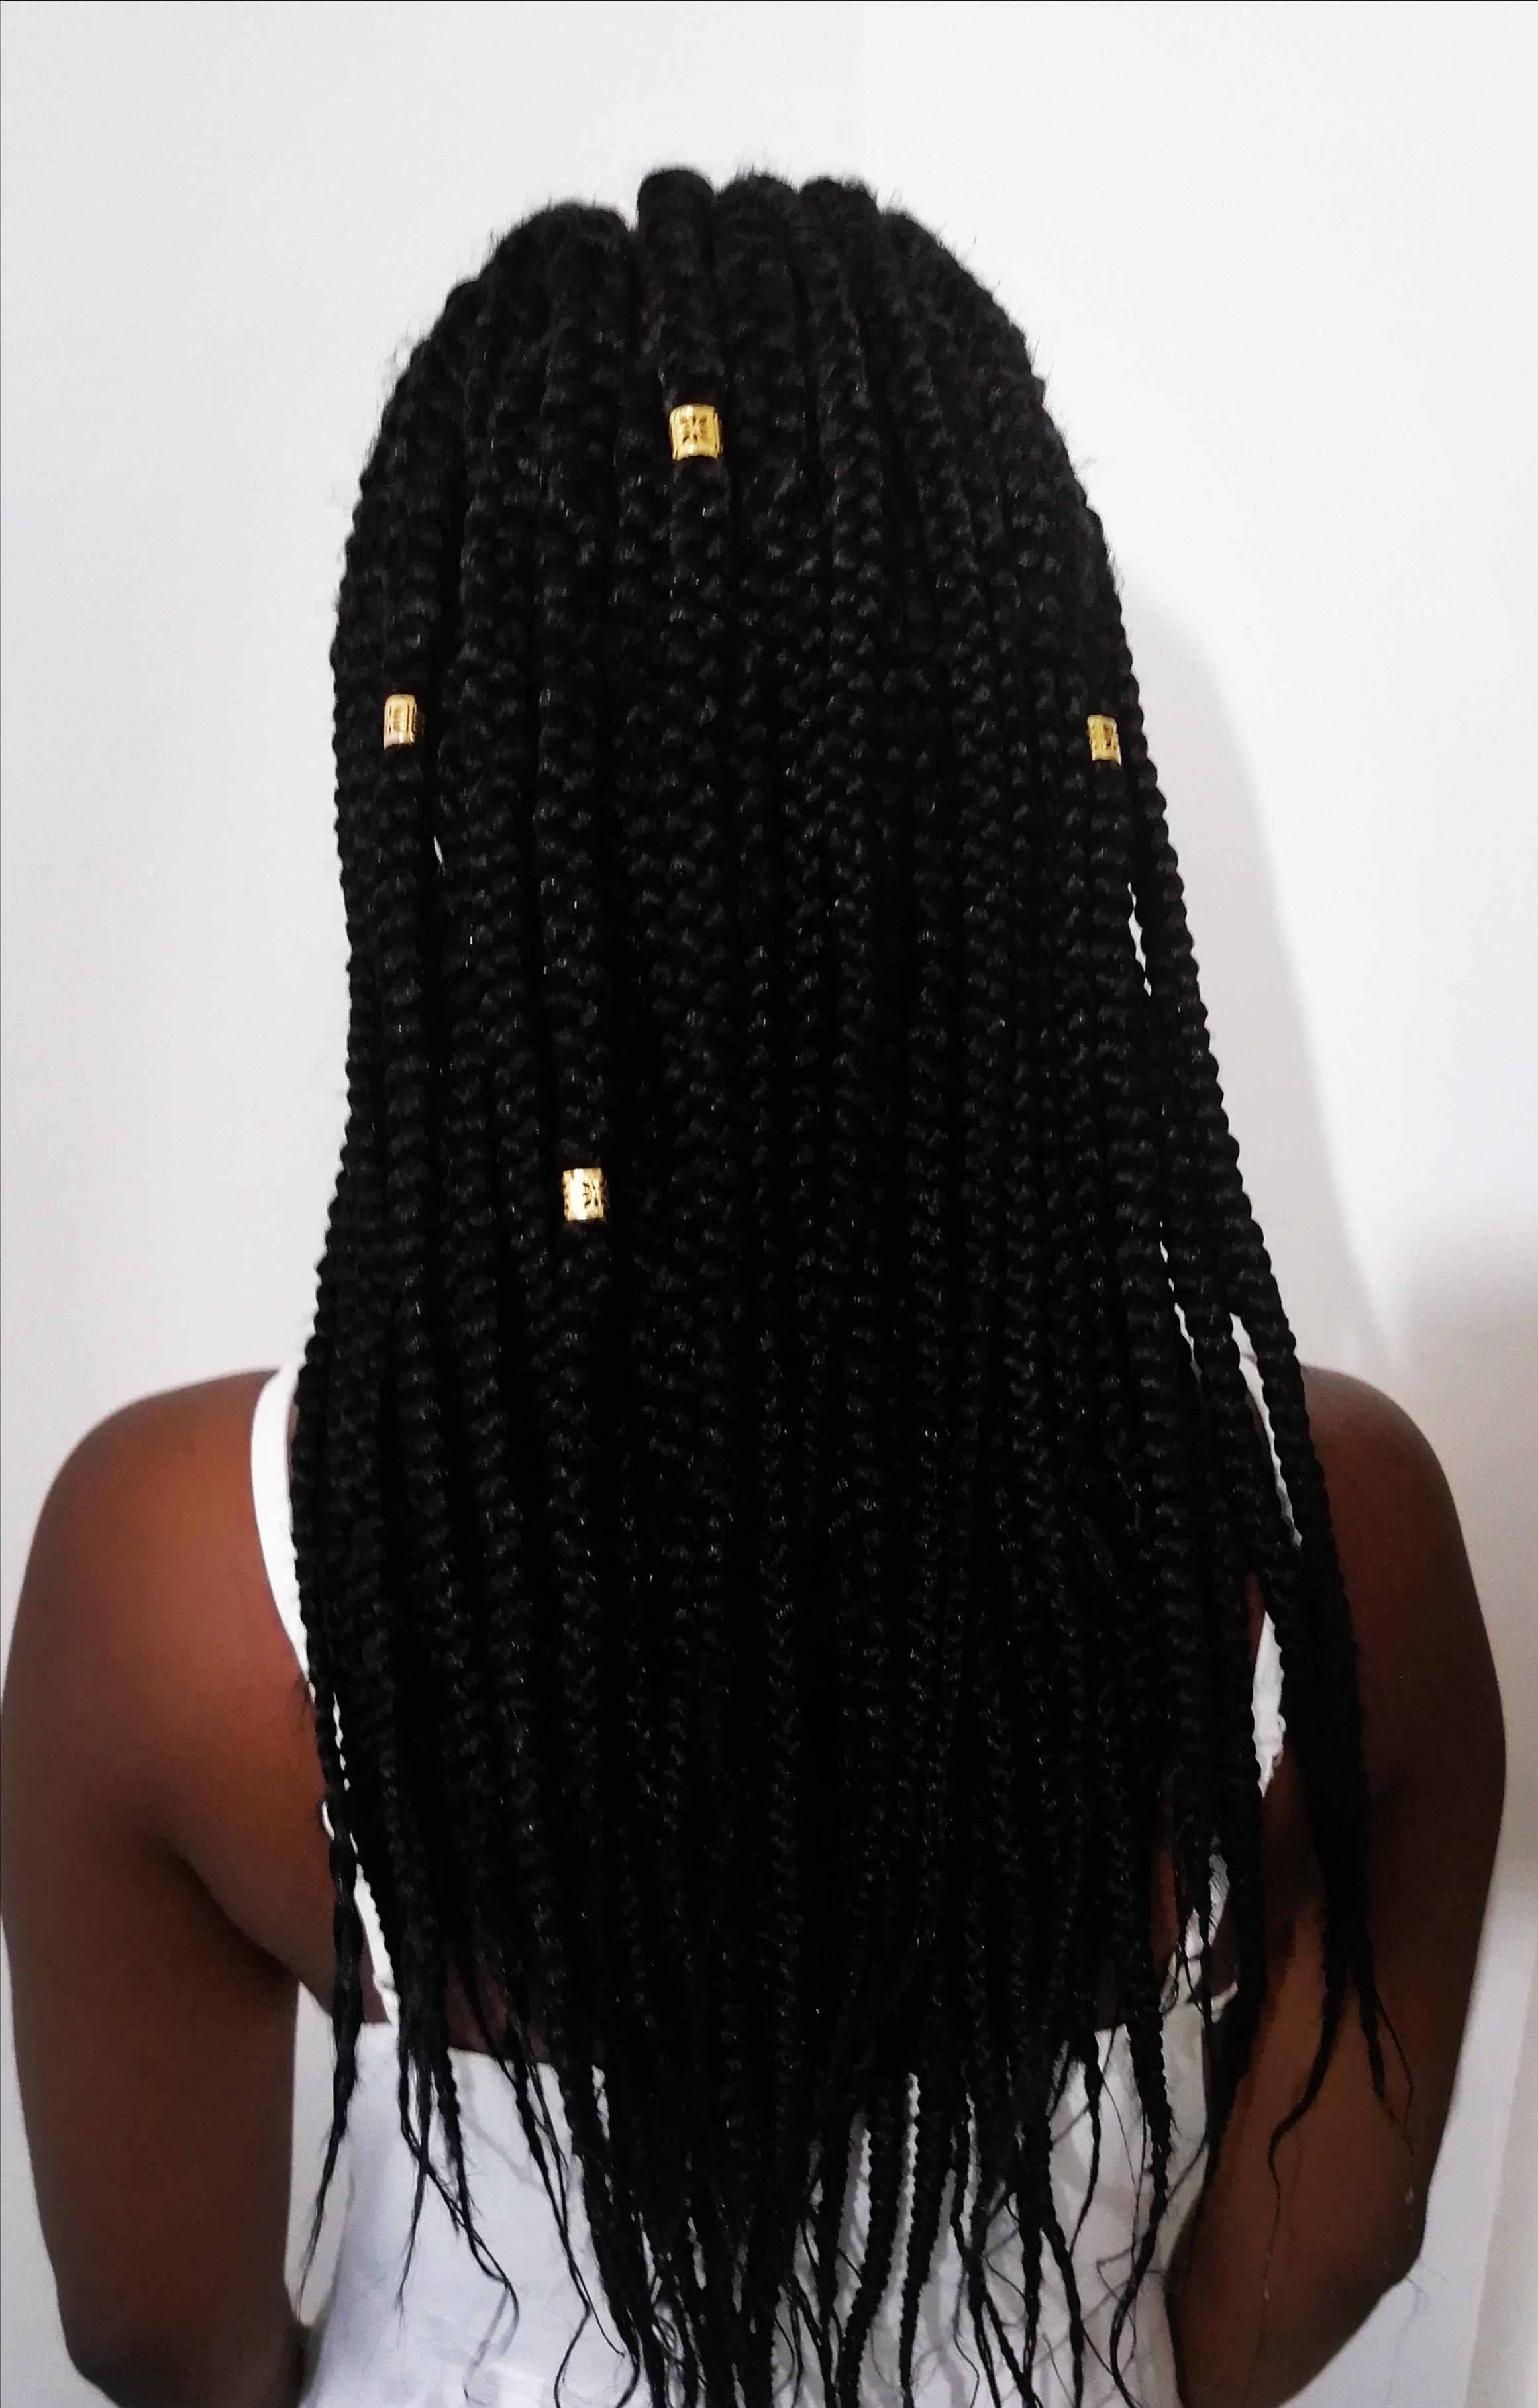 salon de coiffure afro tresse tresses box braids crochet braids vanilles tissages paris 75 77 78 91 92 93 94 95 KKKARWTY